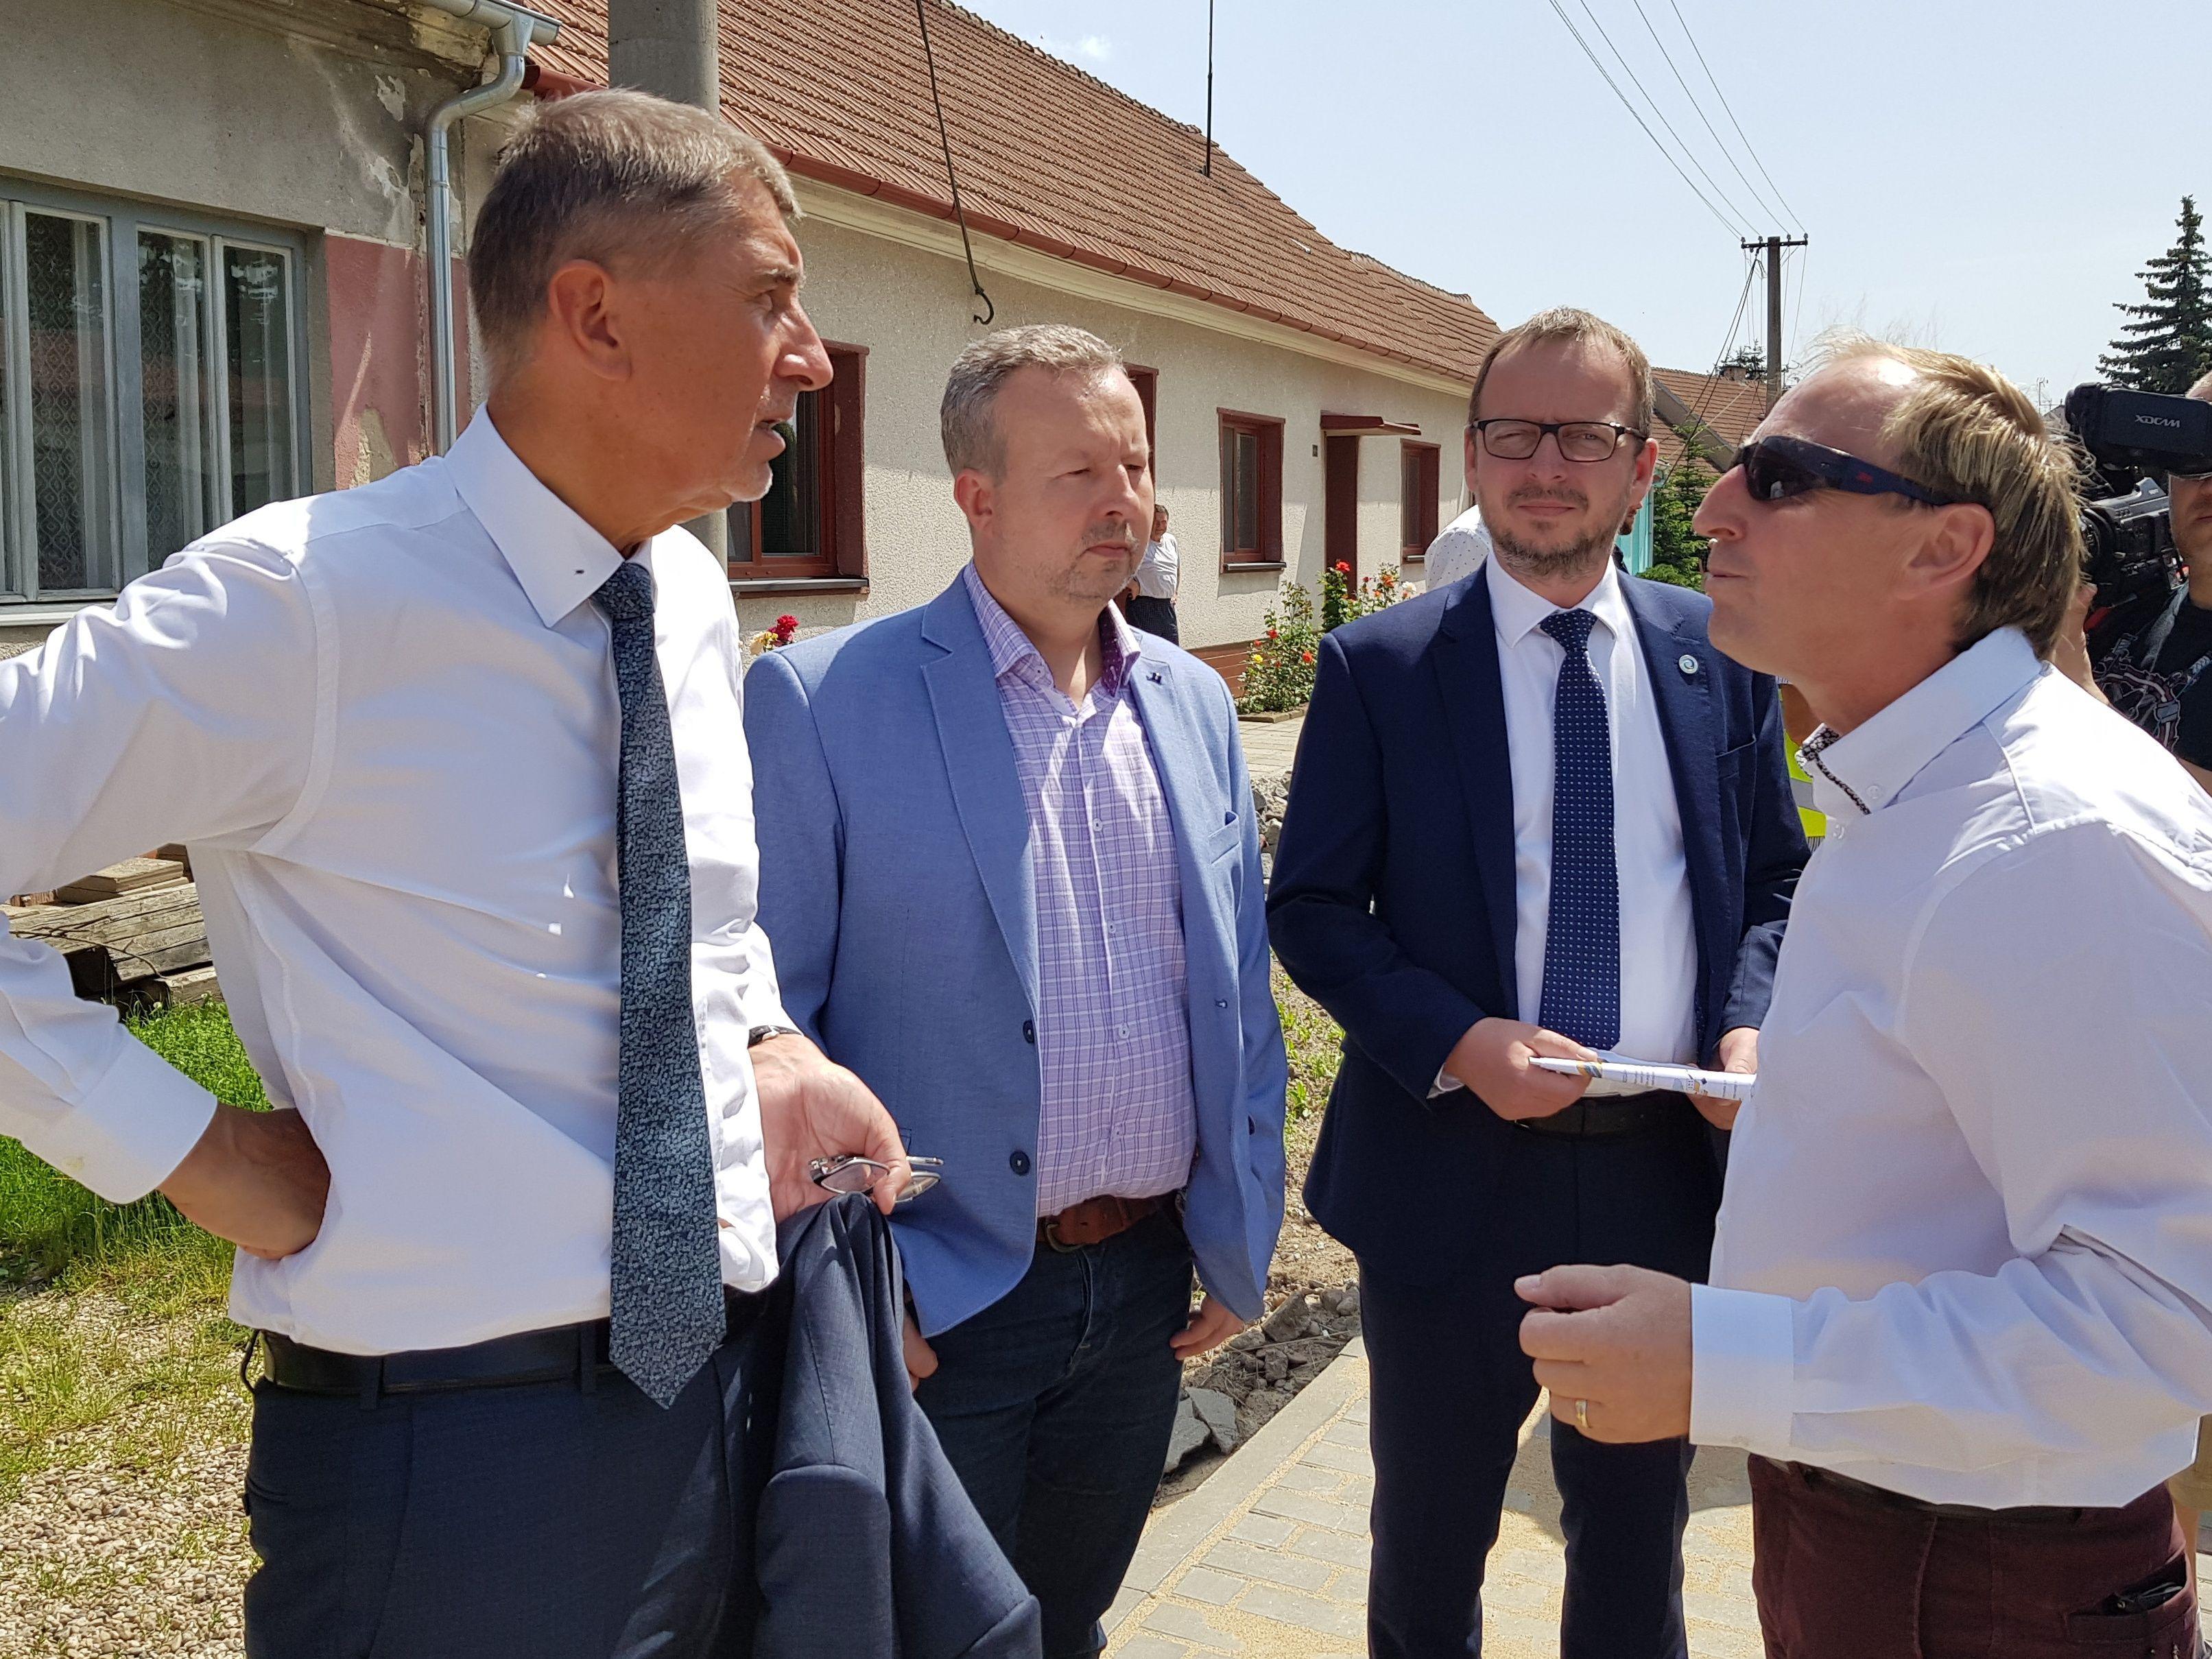 Ministr Brabec: 100 let naši předci odváděli vodu z krajiny, napravujeme hluboké škody